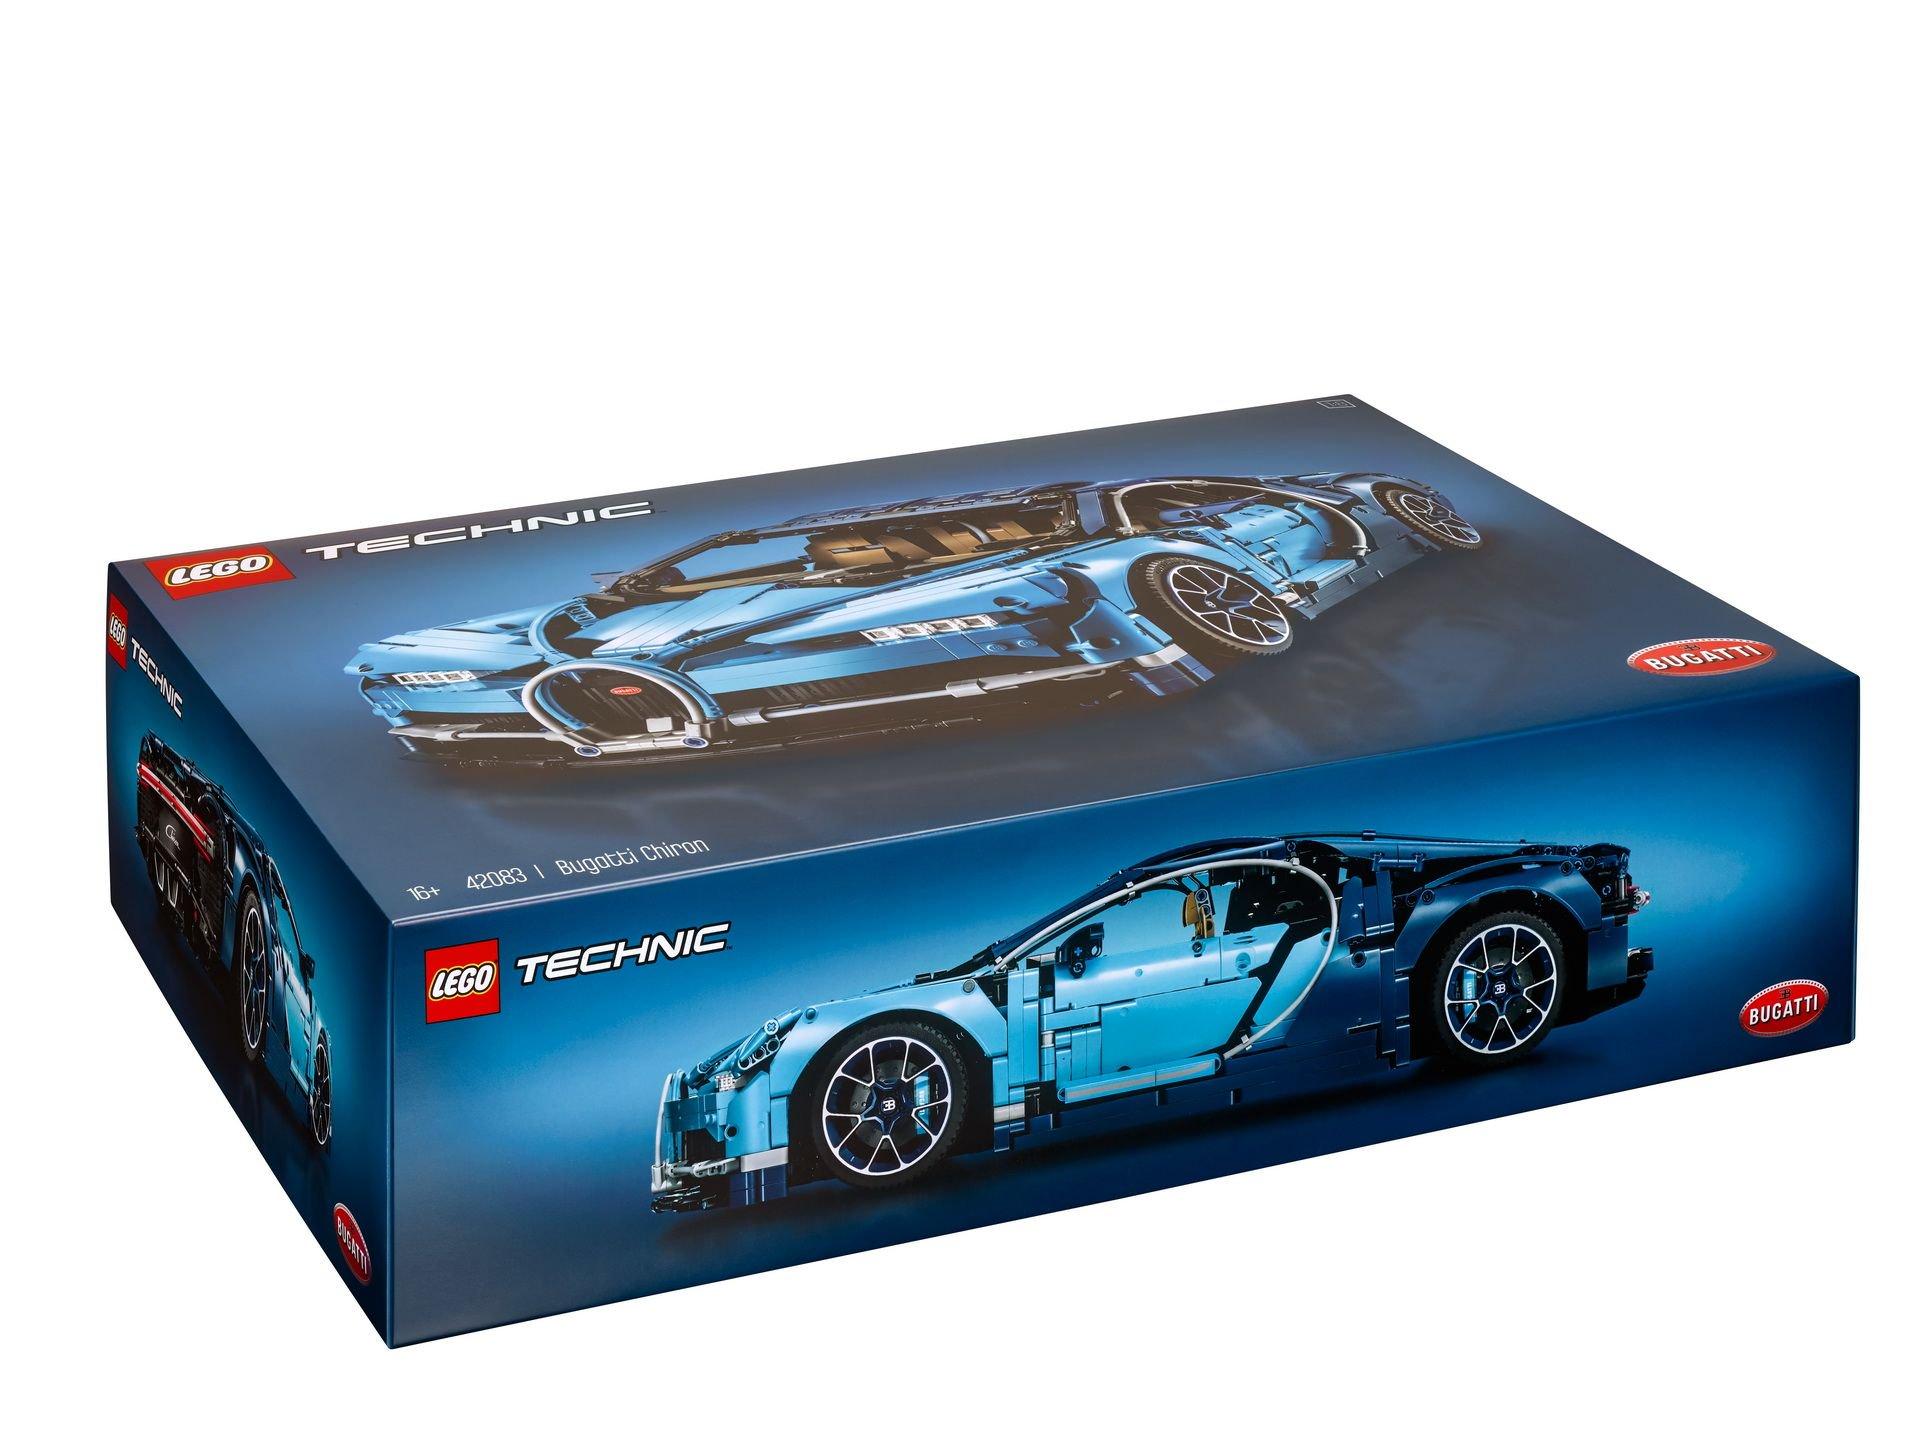 bugatti-chiron-lego-technic-65